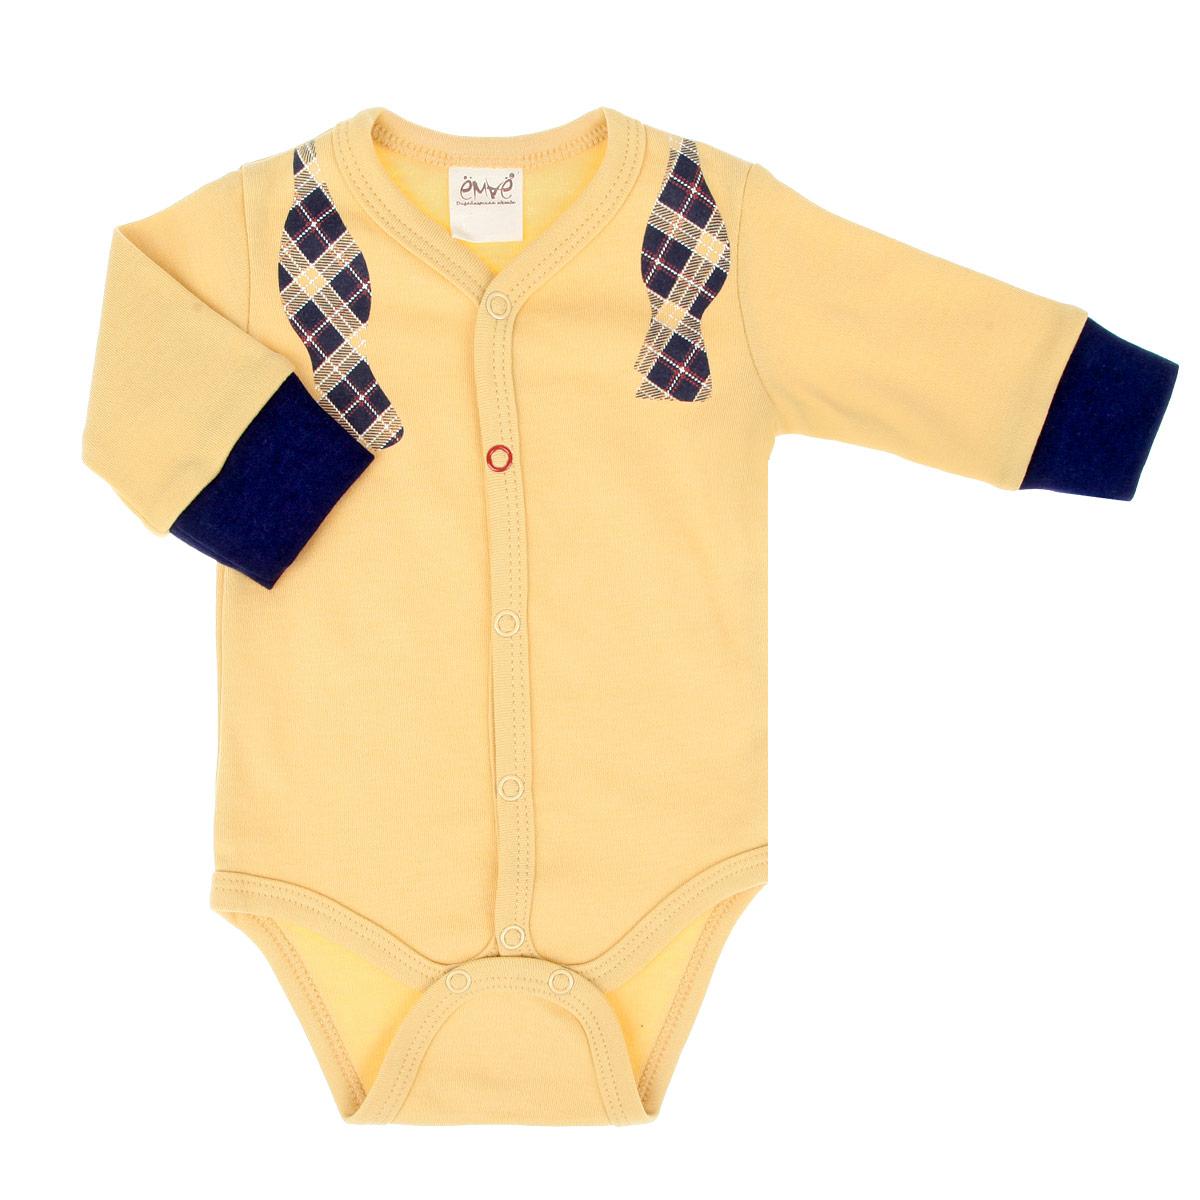 Боди для мальчика. 24-23524-235Удобное боди для мальчика Ёмаё послужит идеальным дополнением к гардеробу вашего крохи, обеспечивая ему наибольший комфорт. Изготовленное из интерлока - натурального хлопка, оно необычайно мягкое и легкое, не раздражает нежную кожу ребенка и хорошо вентилируется, а эластичные швы приятны телу младенца и не препятствуют его движениям. Боди с длинными рукавами и V-образным вырезом горловины имеет удобные застежки-кнопки спереди и на ластовице, которые помогают легко переодеть ребенка или сменить подгузник. Рукава дополнены контрастными эластичными манжетами. Оформлено изделие оригинальным принтом, имитирующим развязанный галстук-бабочку. Боди полностью соответствует особенностям жизни ребенка в ранний период, не стесняя и не ограничивая его в движениях. В нем ваш младенец всегда будет в центре внимания.